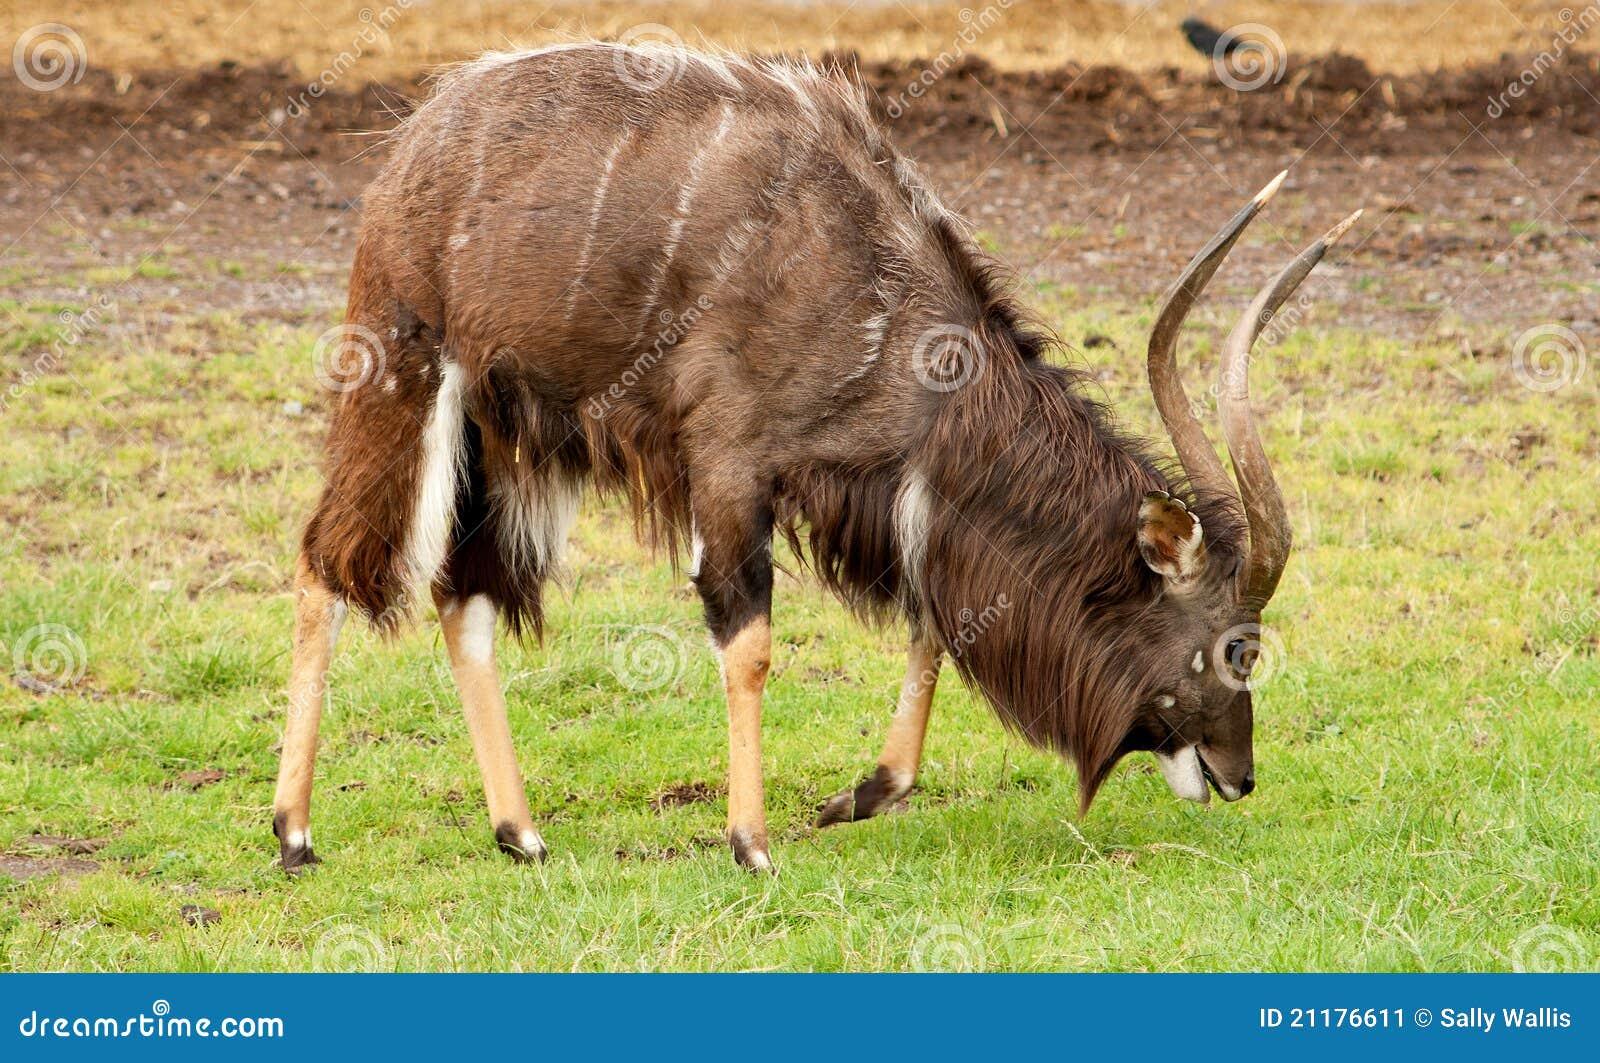 Nyala, antelope, starting to molt